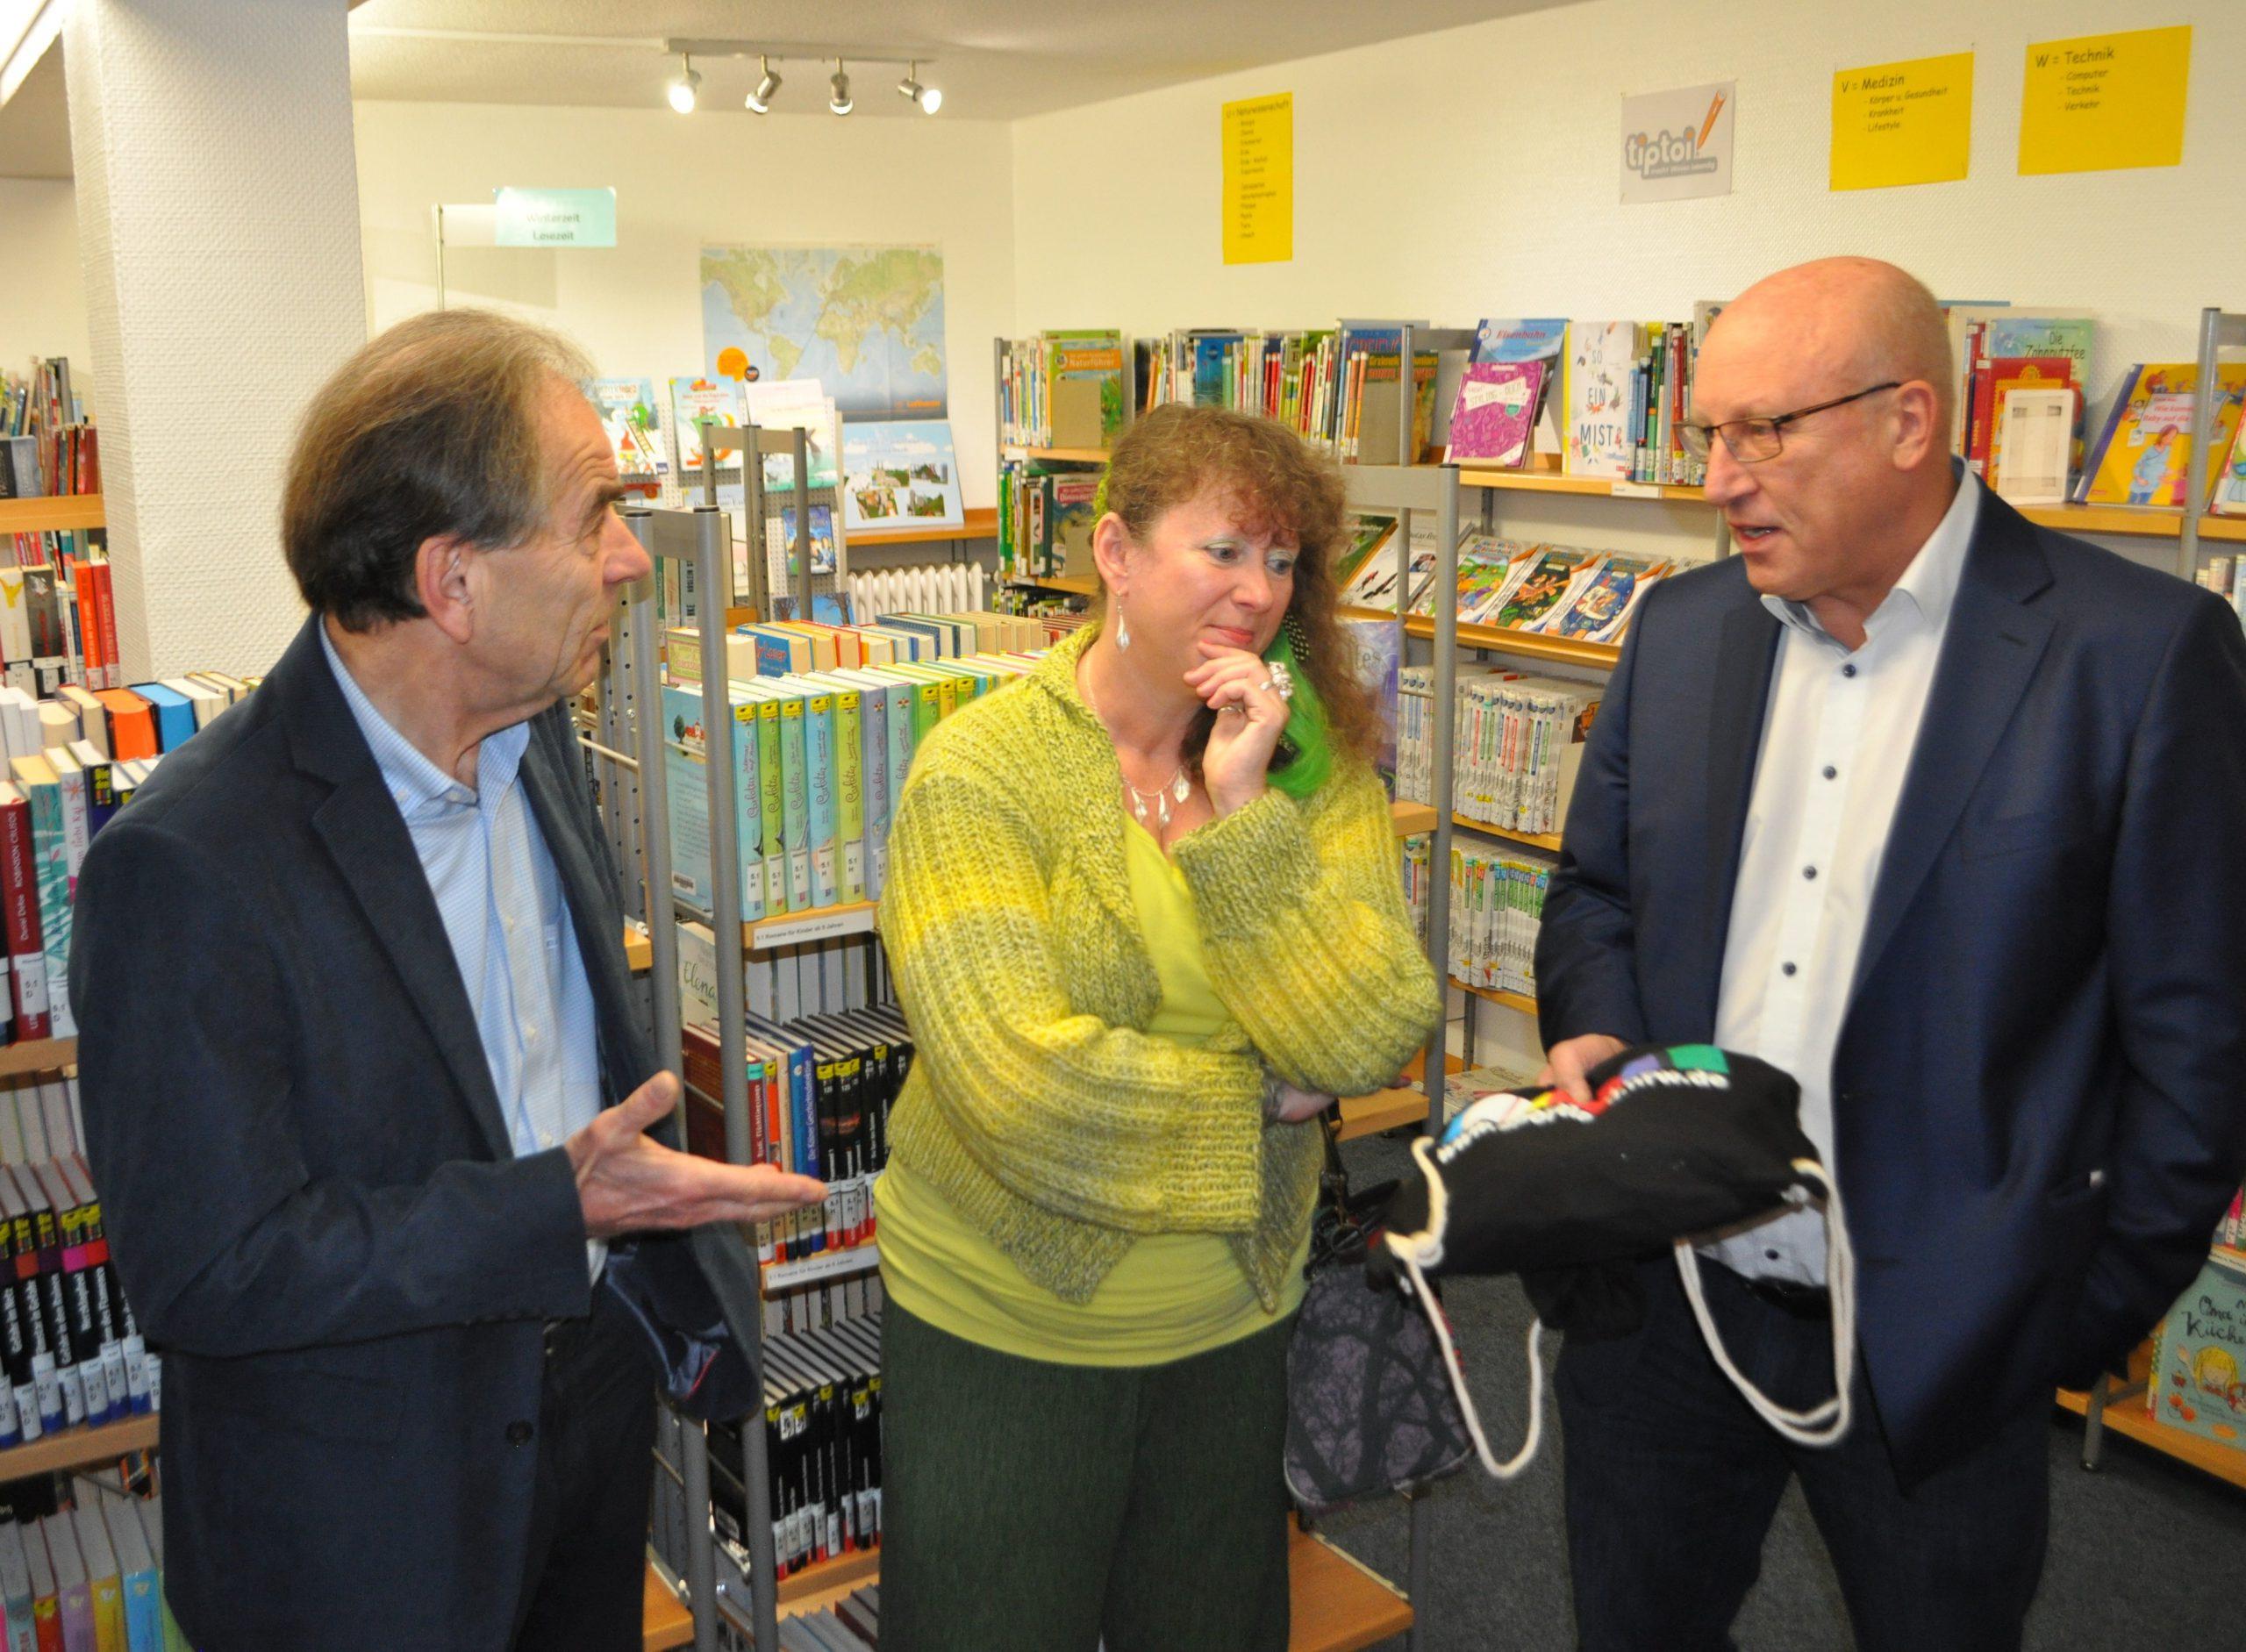 Lüttringhausen und Lennep bekommen prominenten Besuch